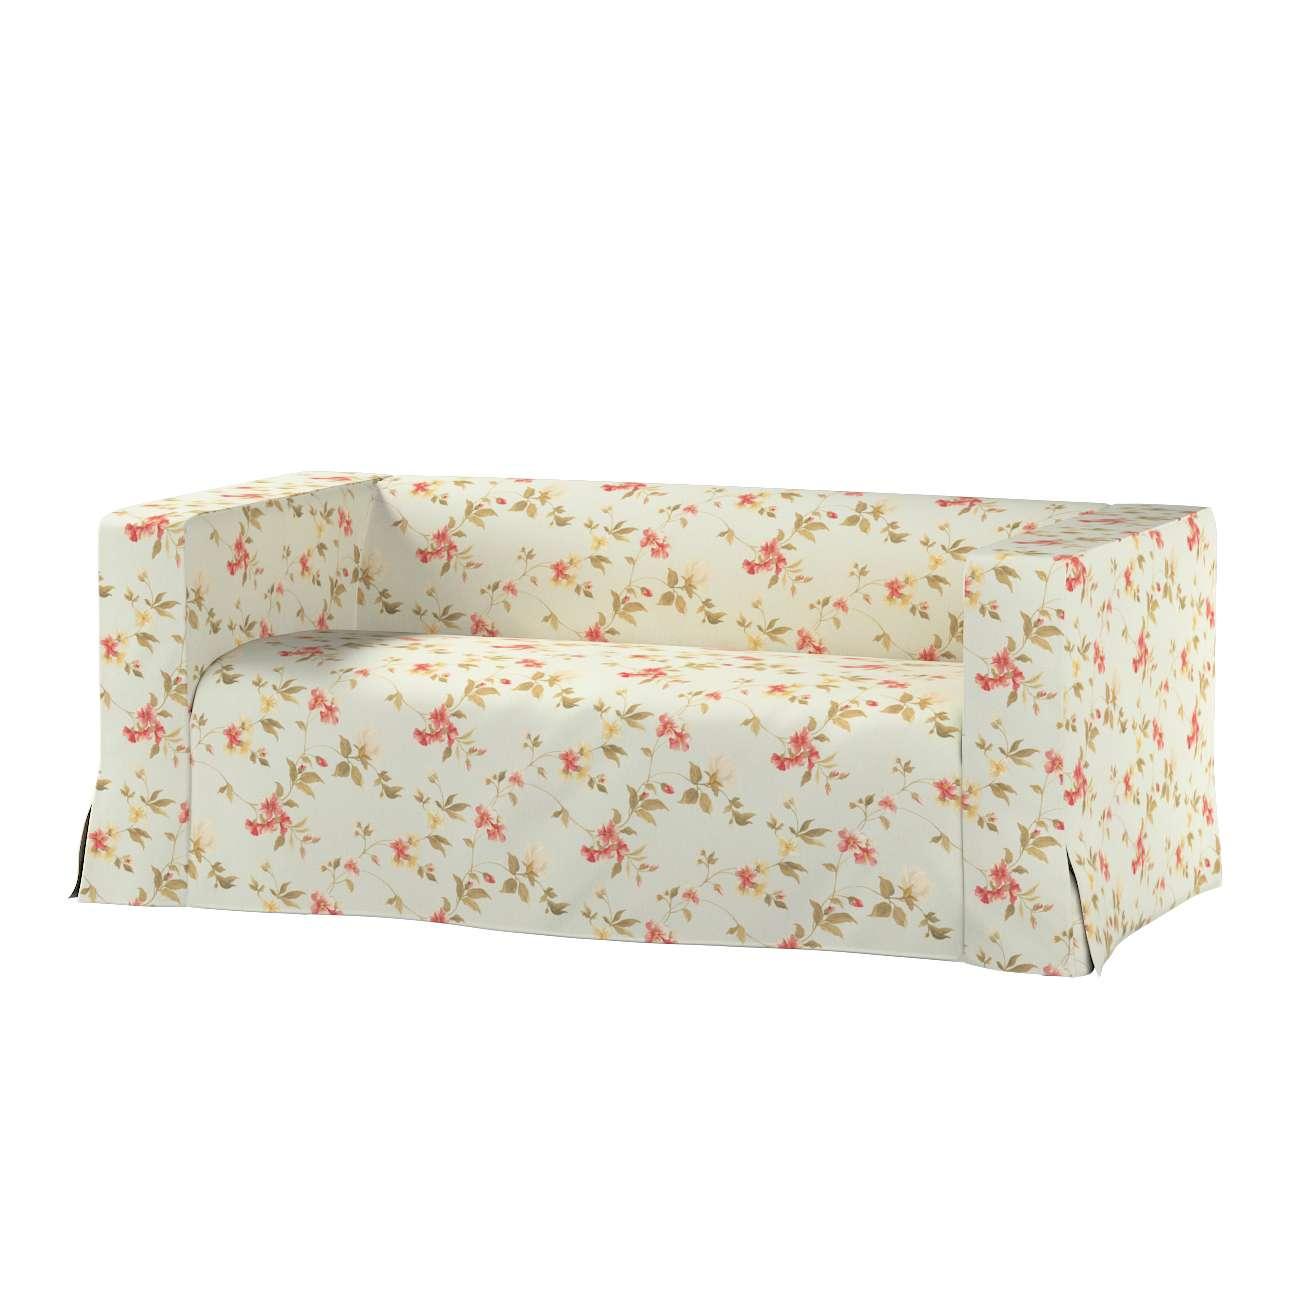 Klippan dvivietės sofos užvalkalas (ilgas, iki žemės) Klippan dvivietės sofos užvalkalas (ilgas, iki žemės) kolekcijoje Londres, audinys: 124-65